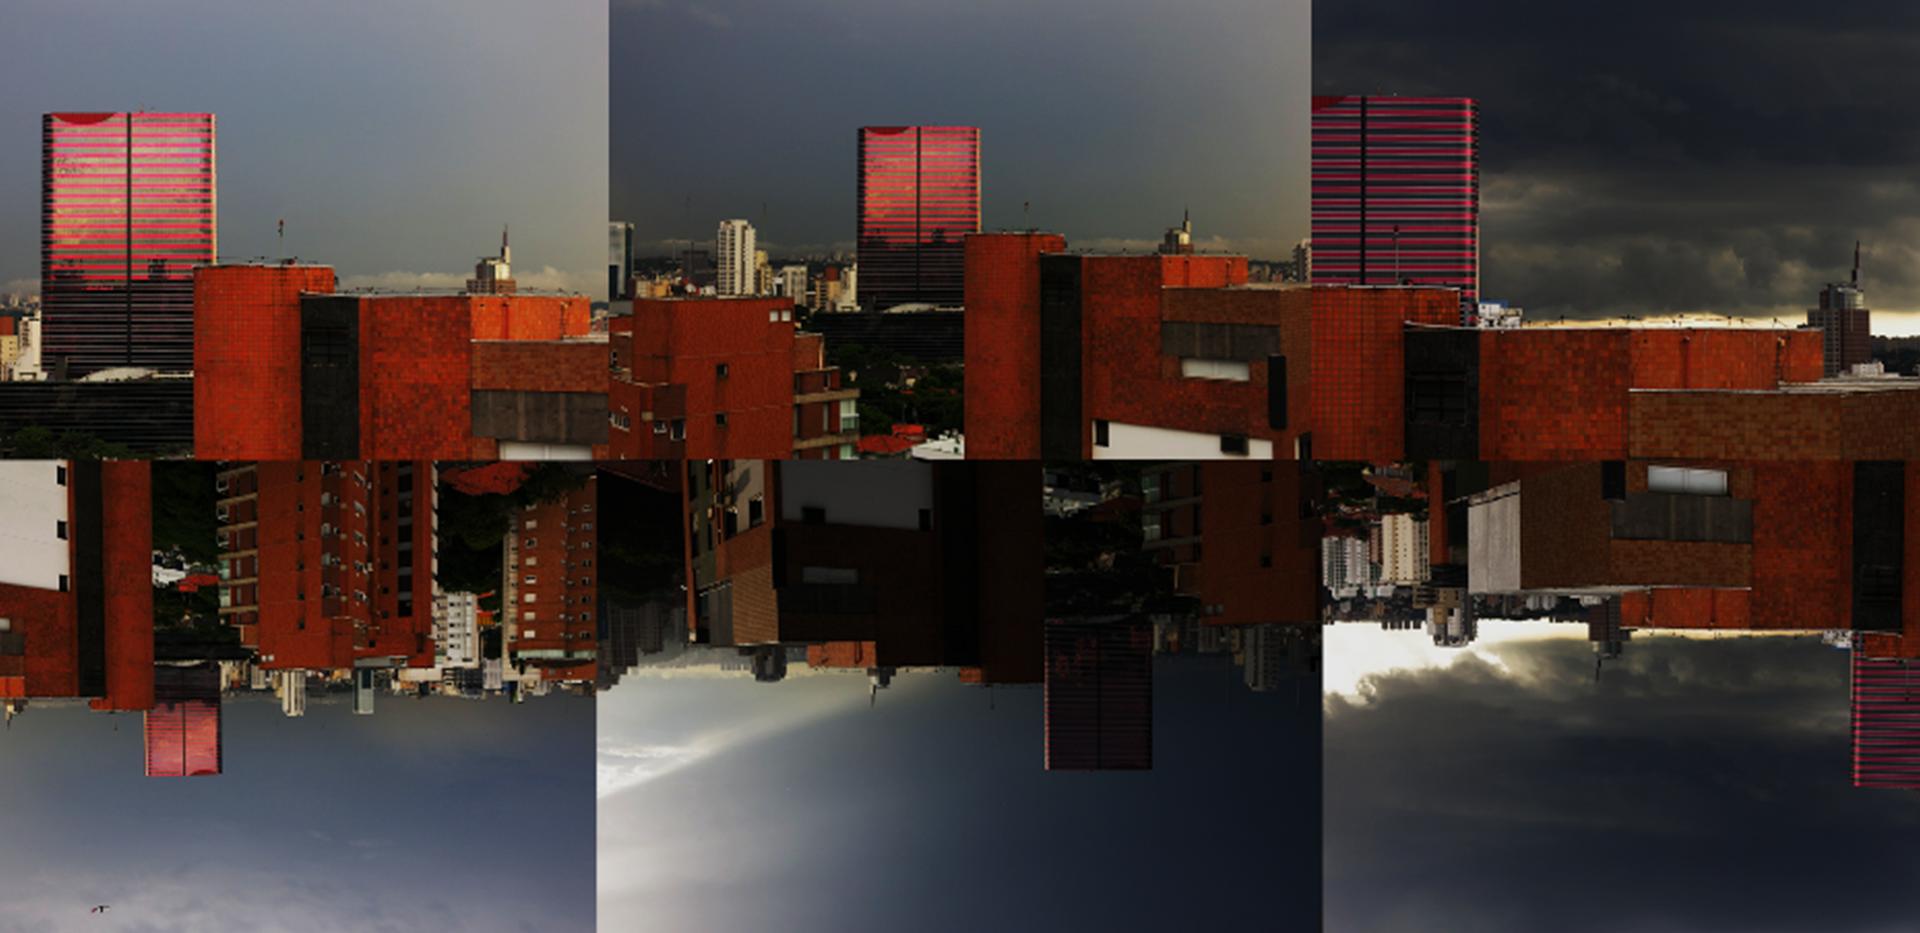 Série - Paisagens Construídas